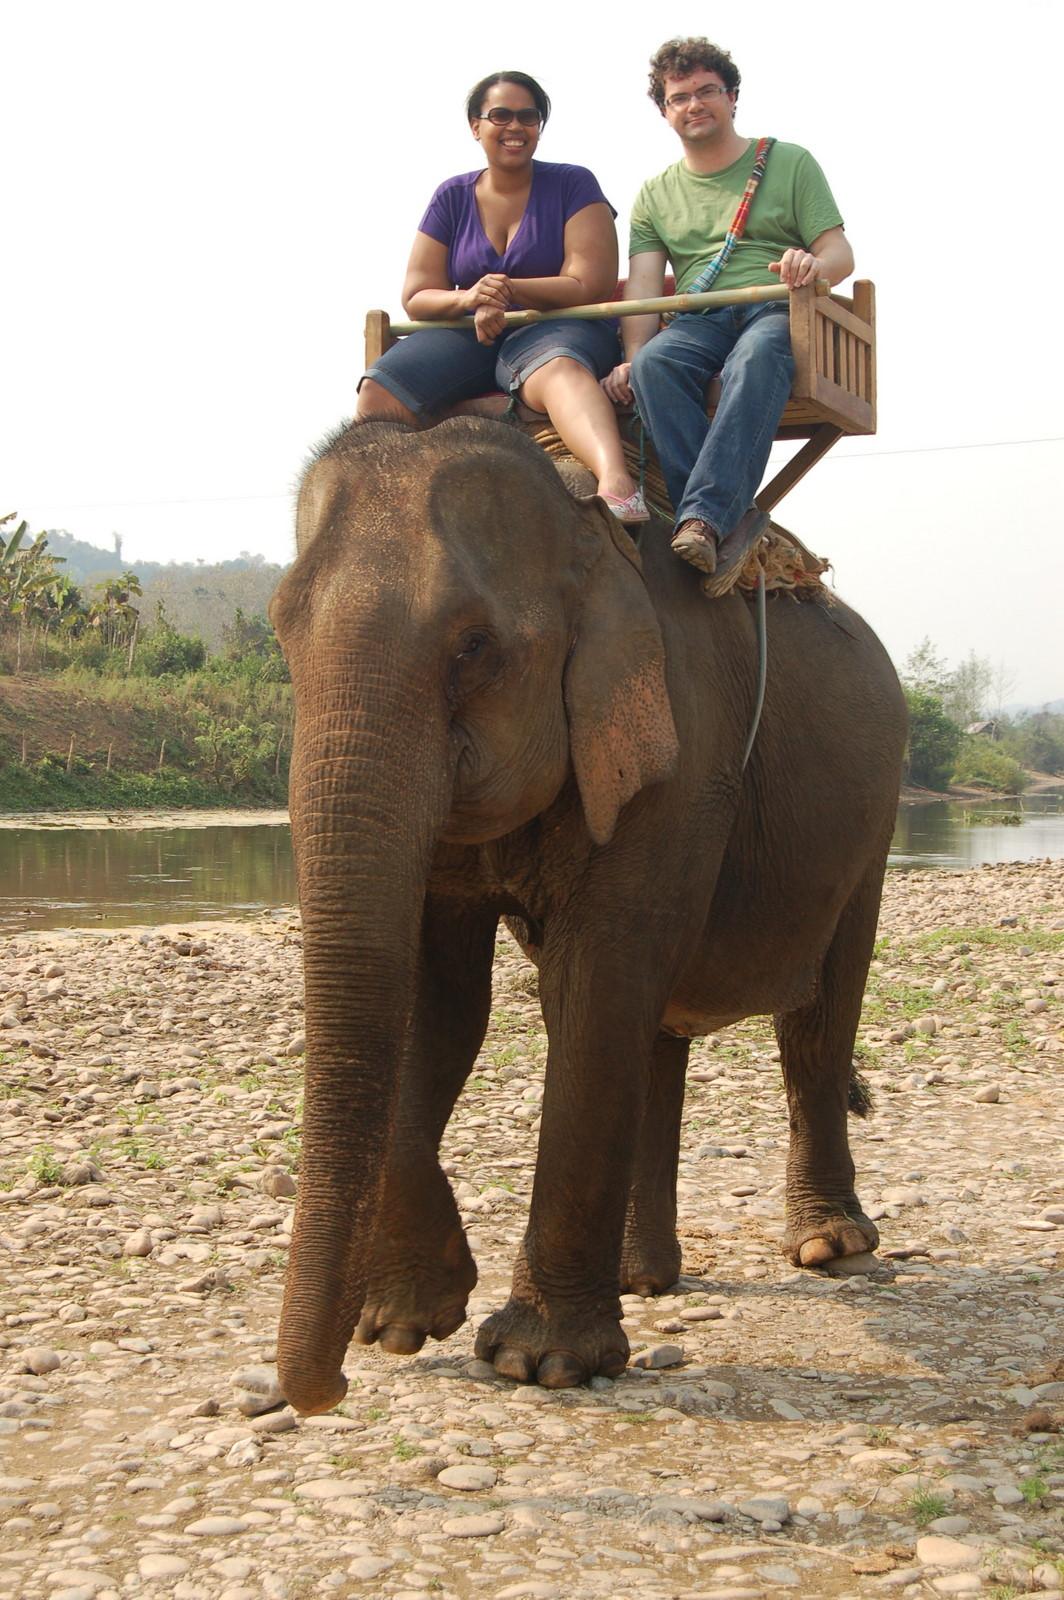 Atop elephant 3